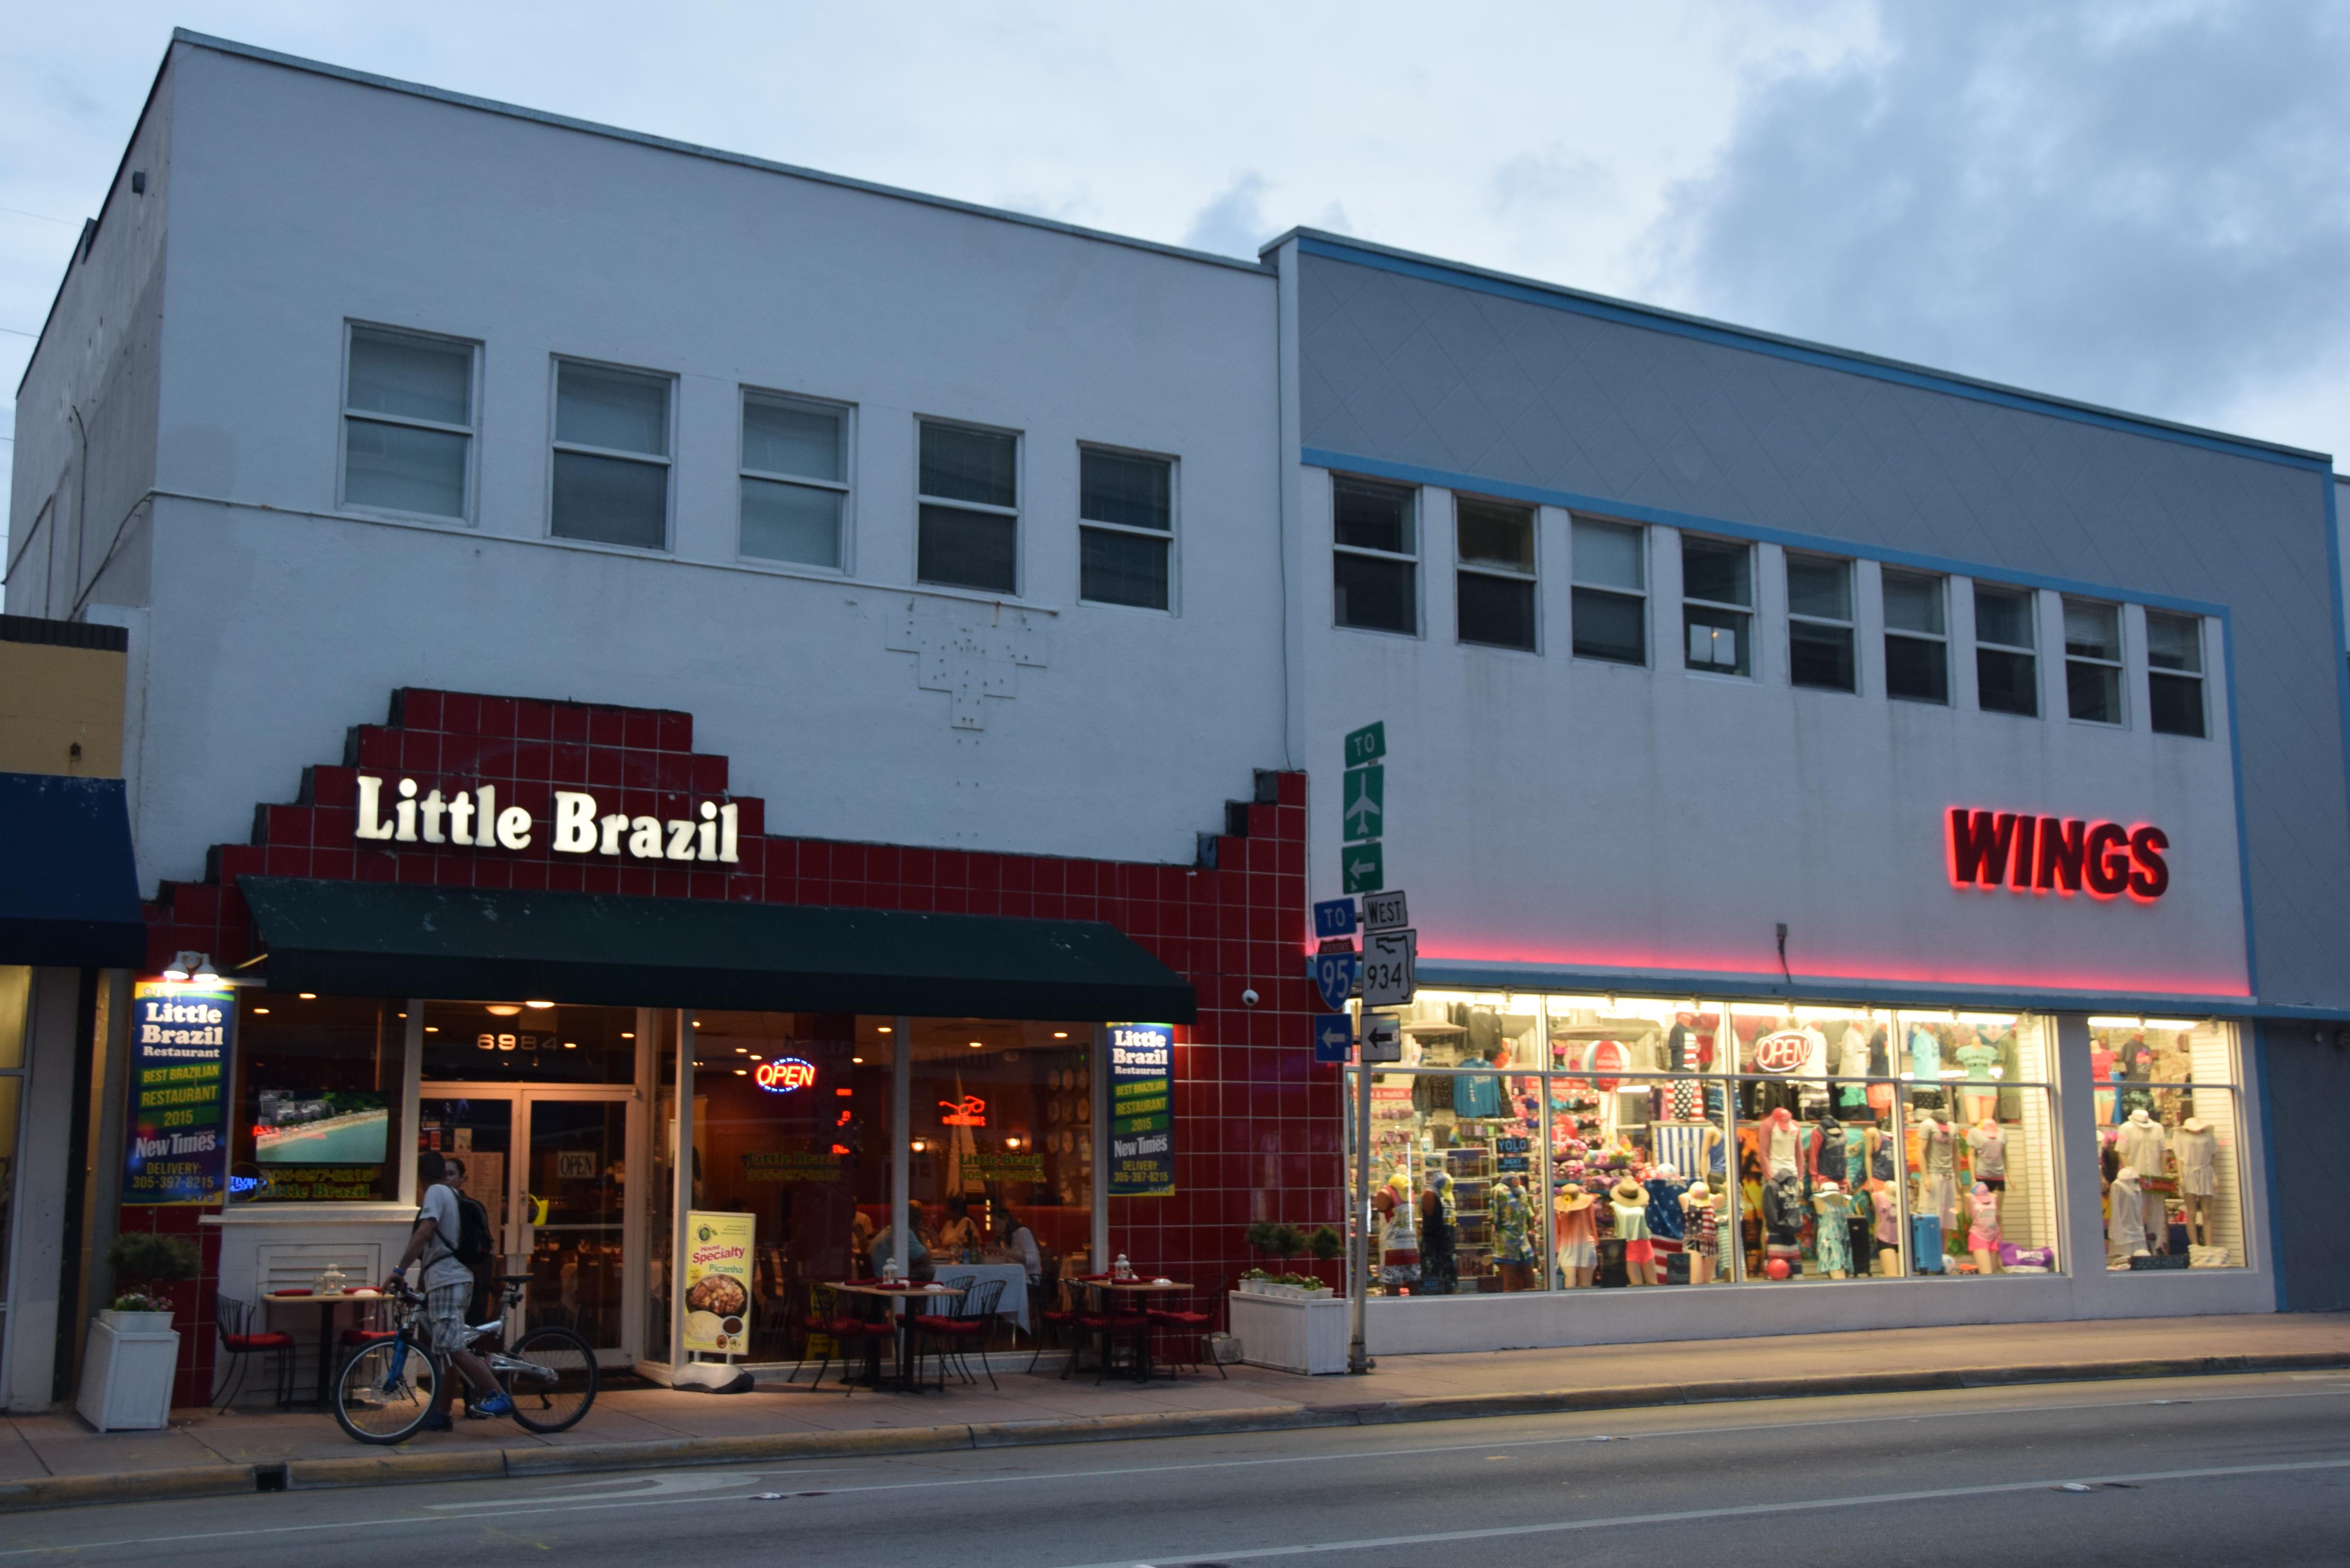 Little Brazil ja souvenir shop meidän hotellia vastapäätä